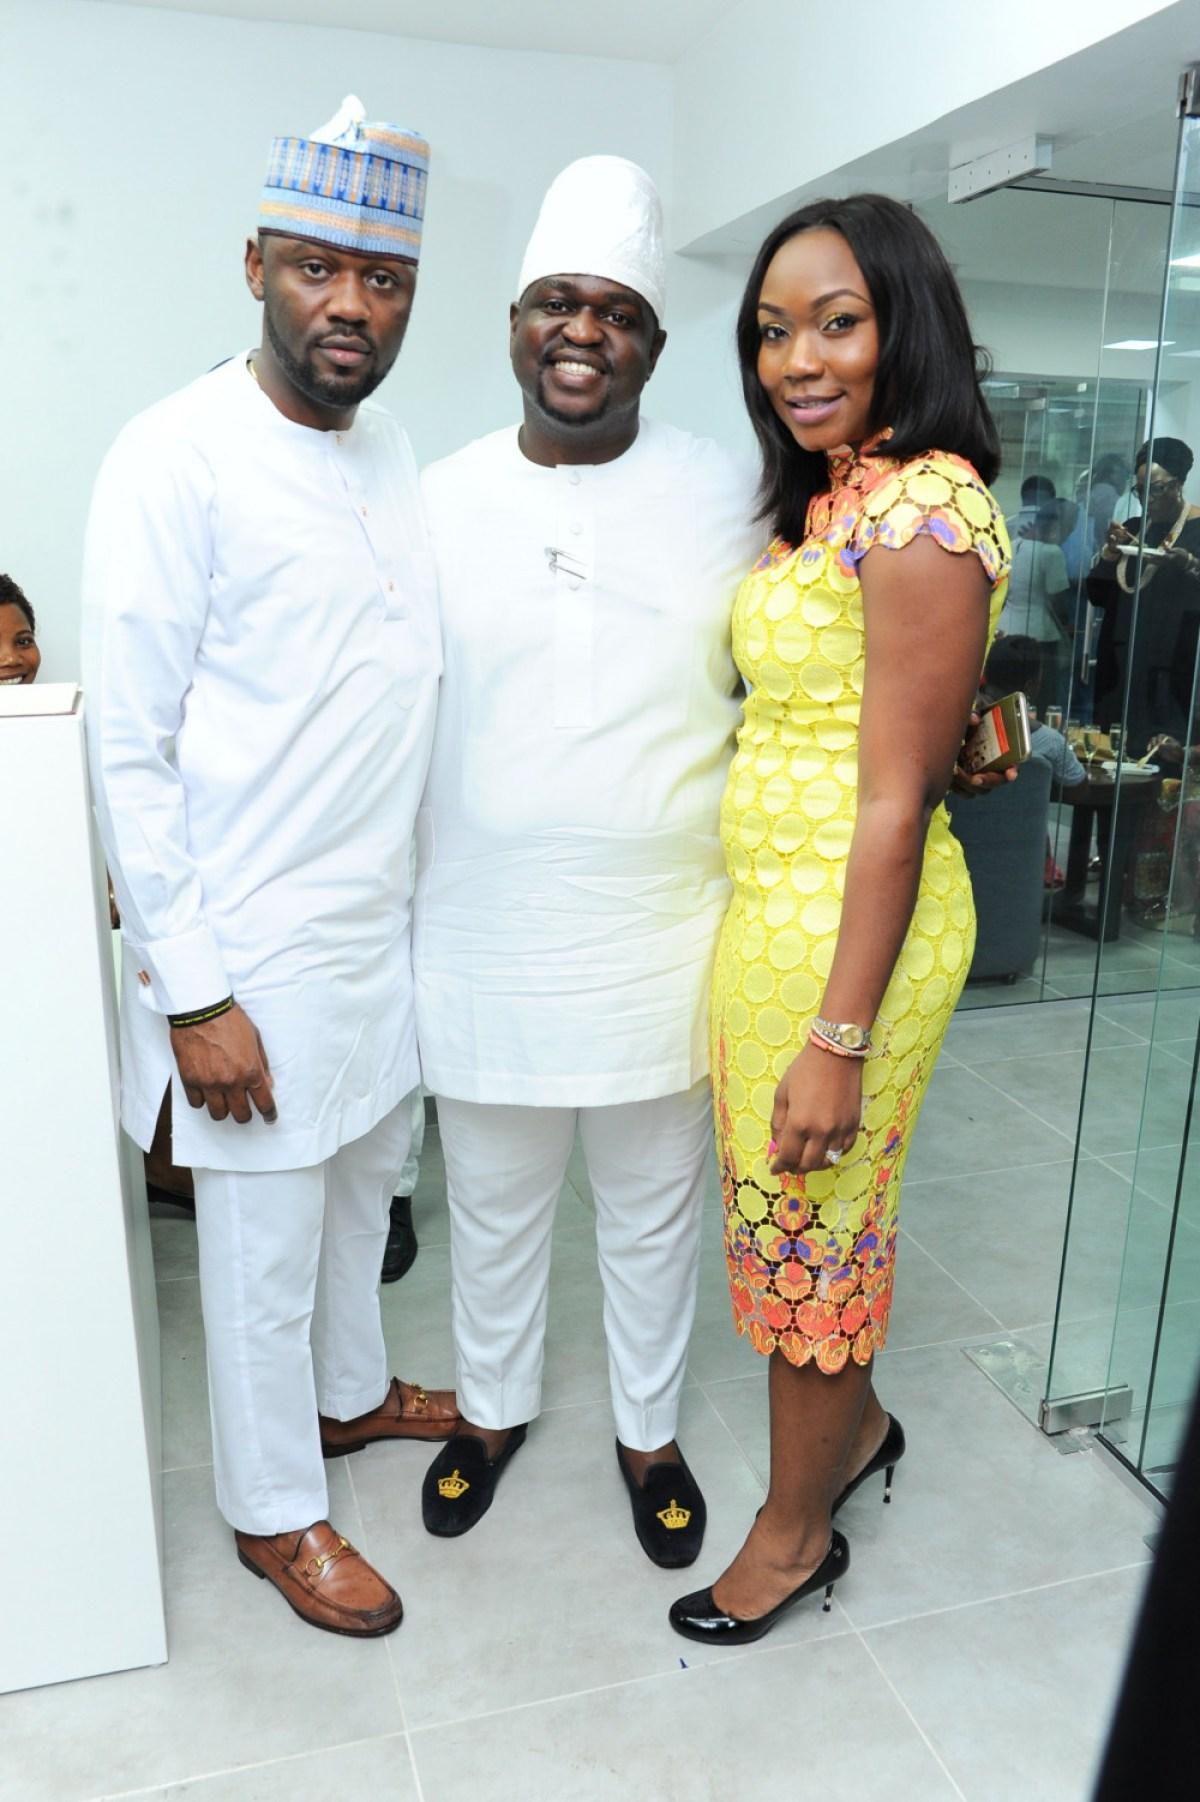 Ayokunle Ilesanmi, Kayode Adegbola and Seni Ilesanmi